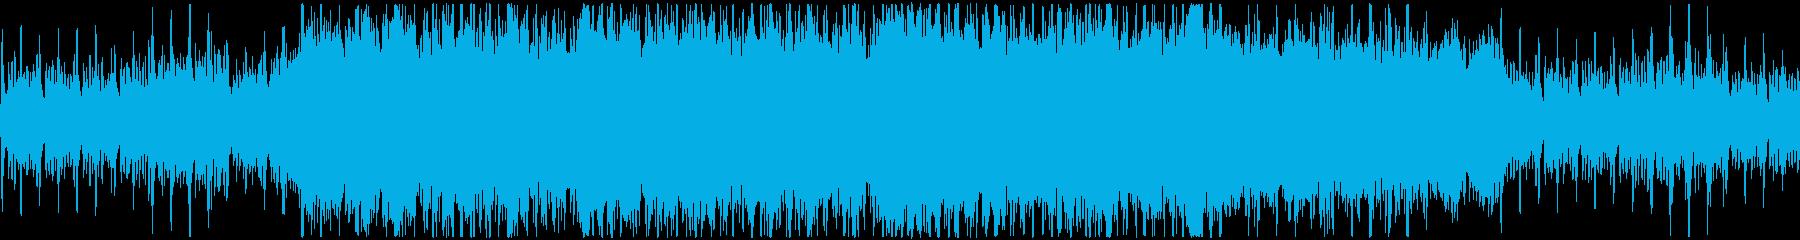 【リズム抜き】壮大で重厚感のあるオケの再生済みの波形